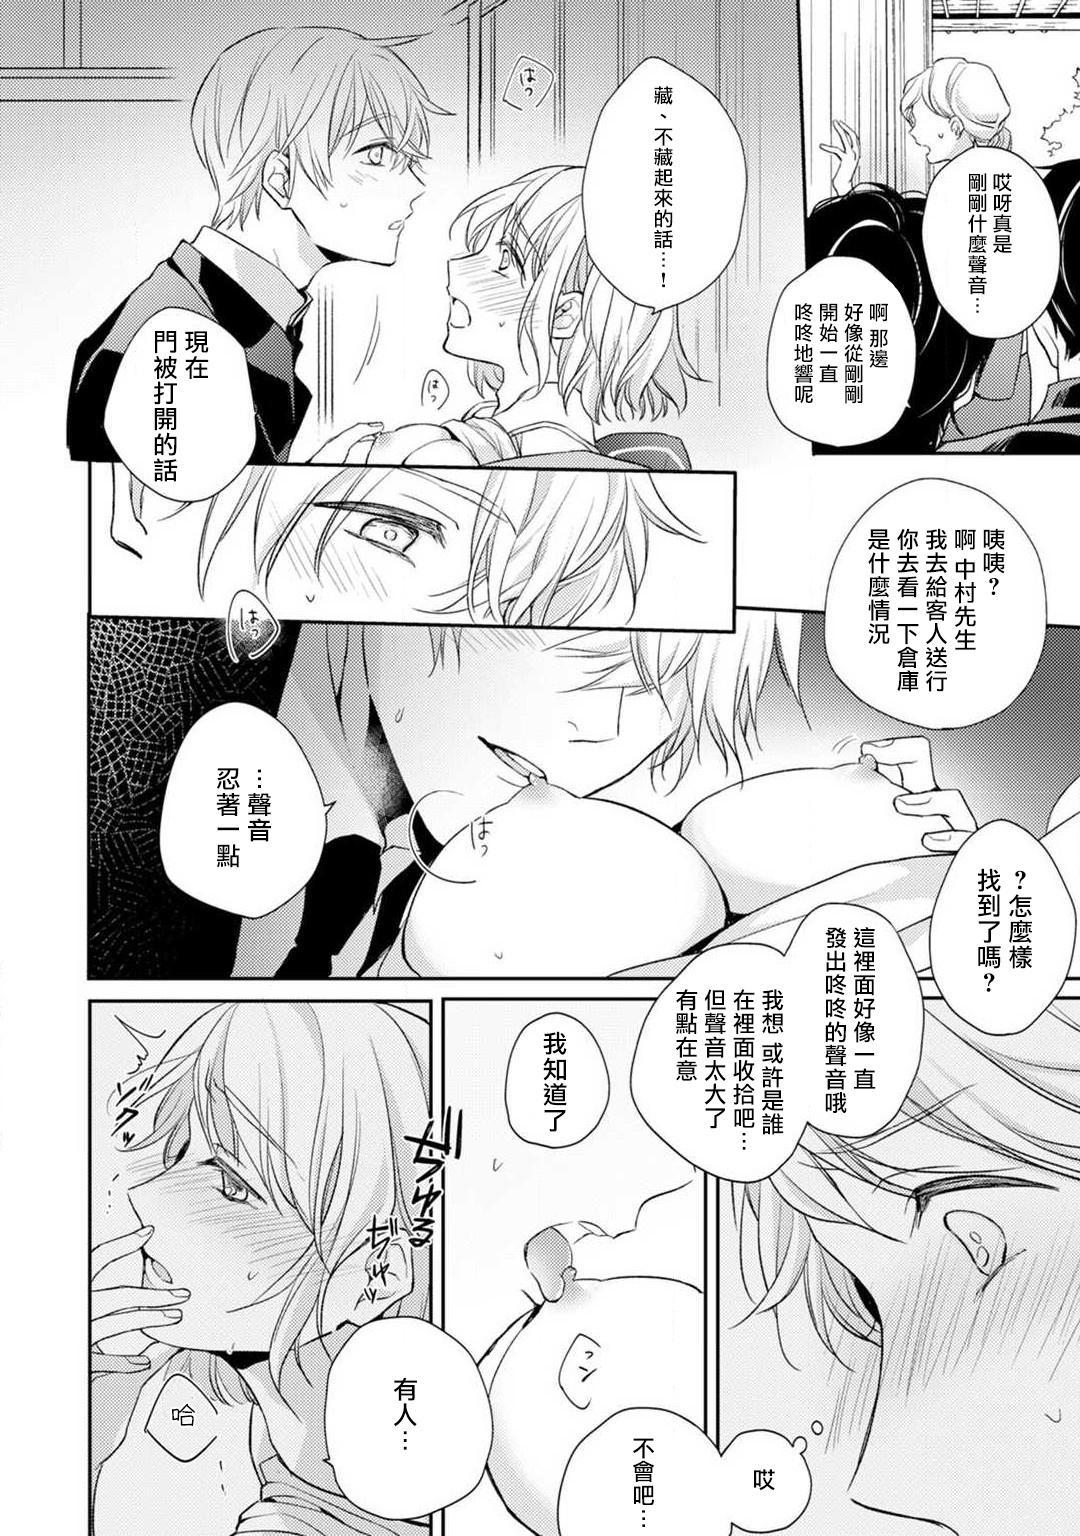 [Shichigatsu Motomi]  Sonna Kao shite, Sasotteru? ~Dekiai Shachou to Migawari Omiaikekkon!?~ 1-11  這種表情,在誘惑我嗎?~溺愛社長和替身相親結婚!? [Chinese] [拾荒者汉化组] 20